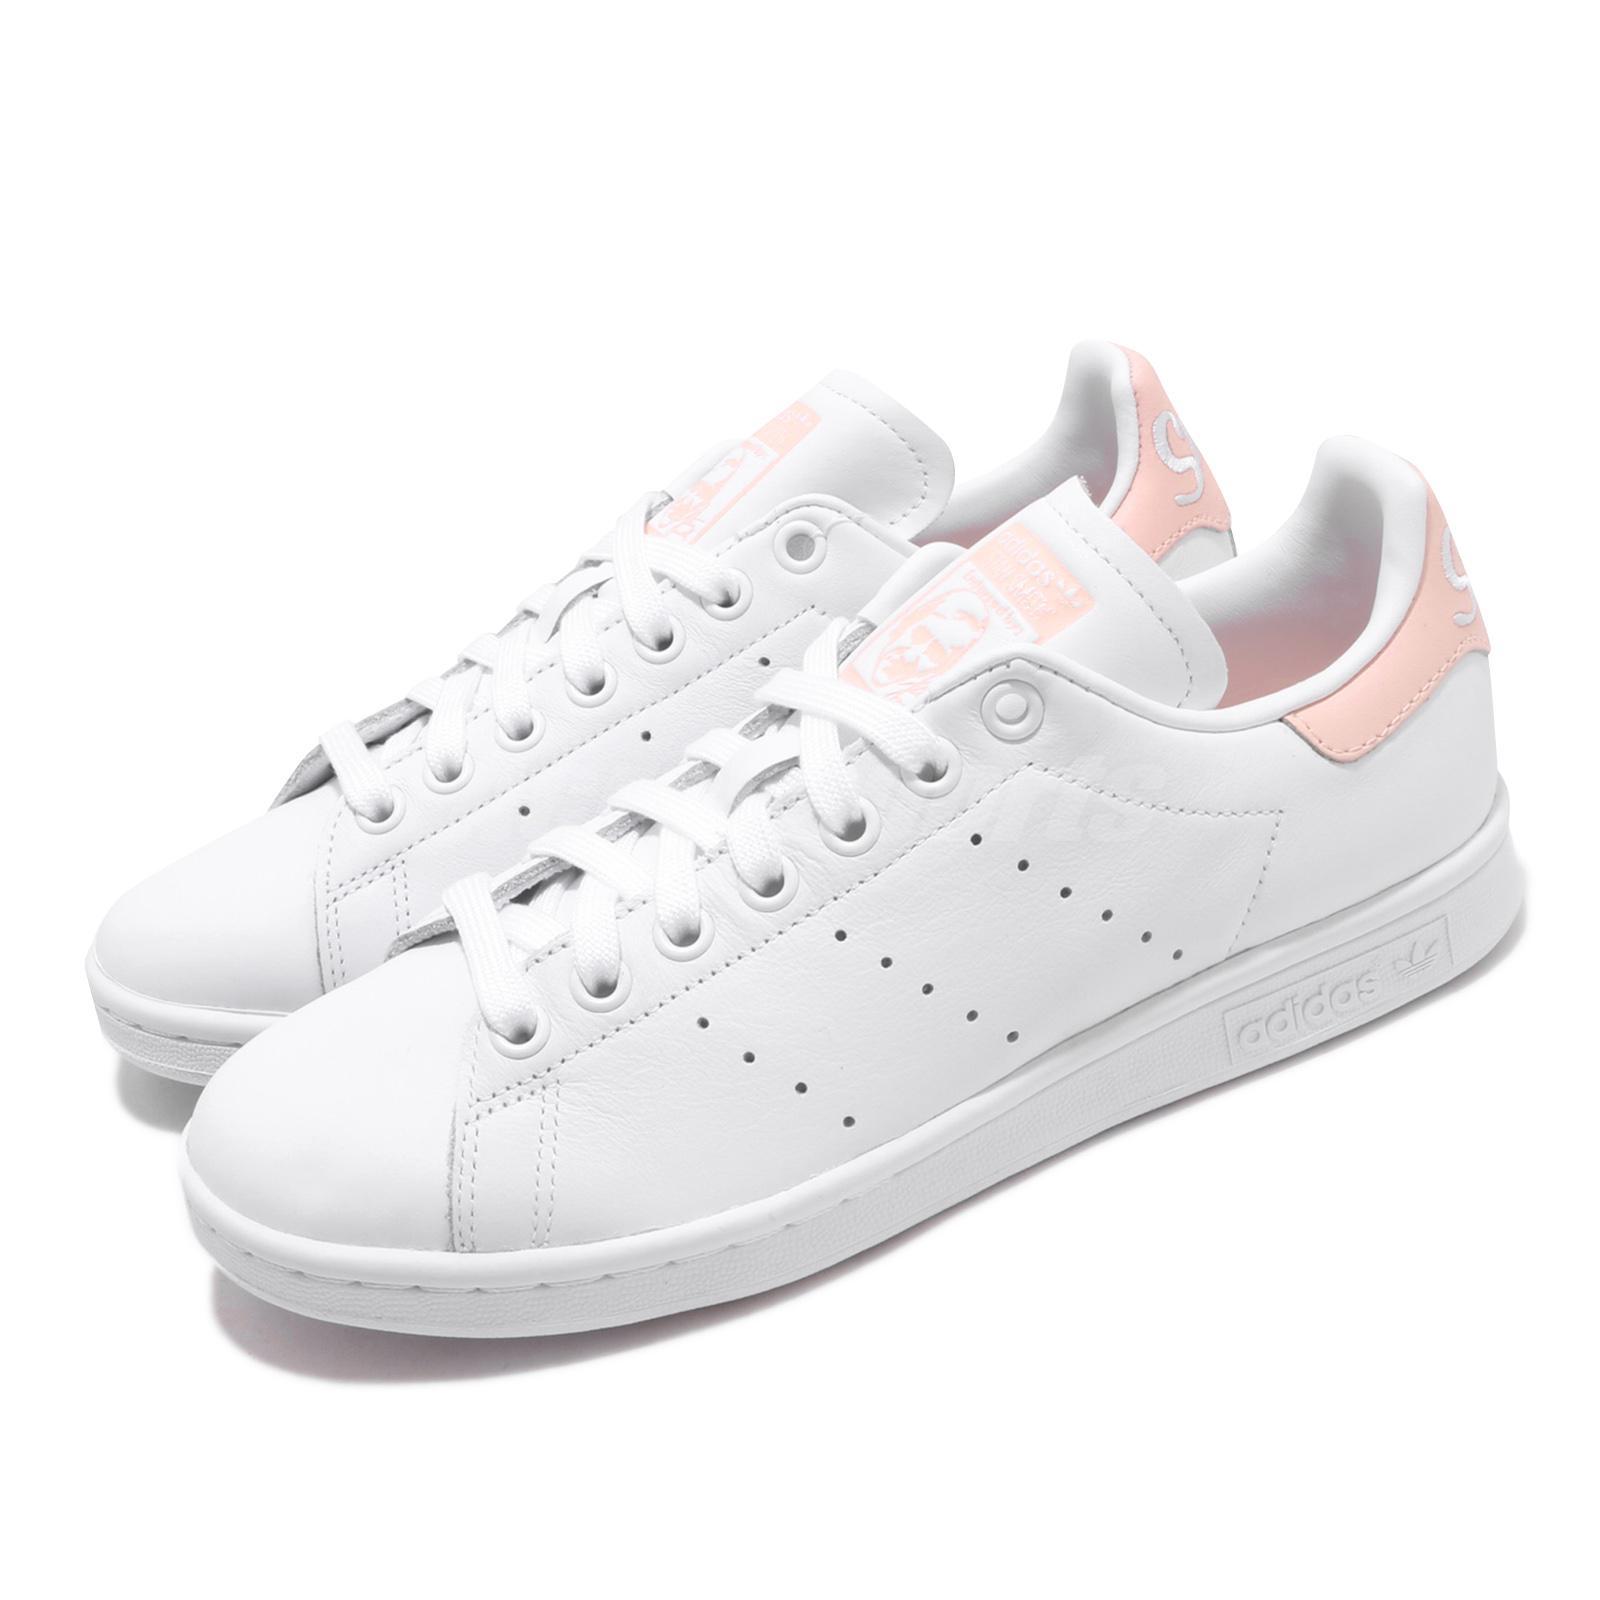 stan smith white pink